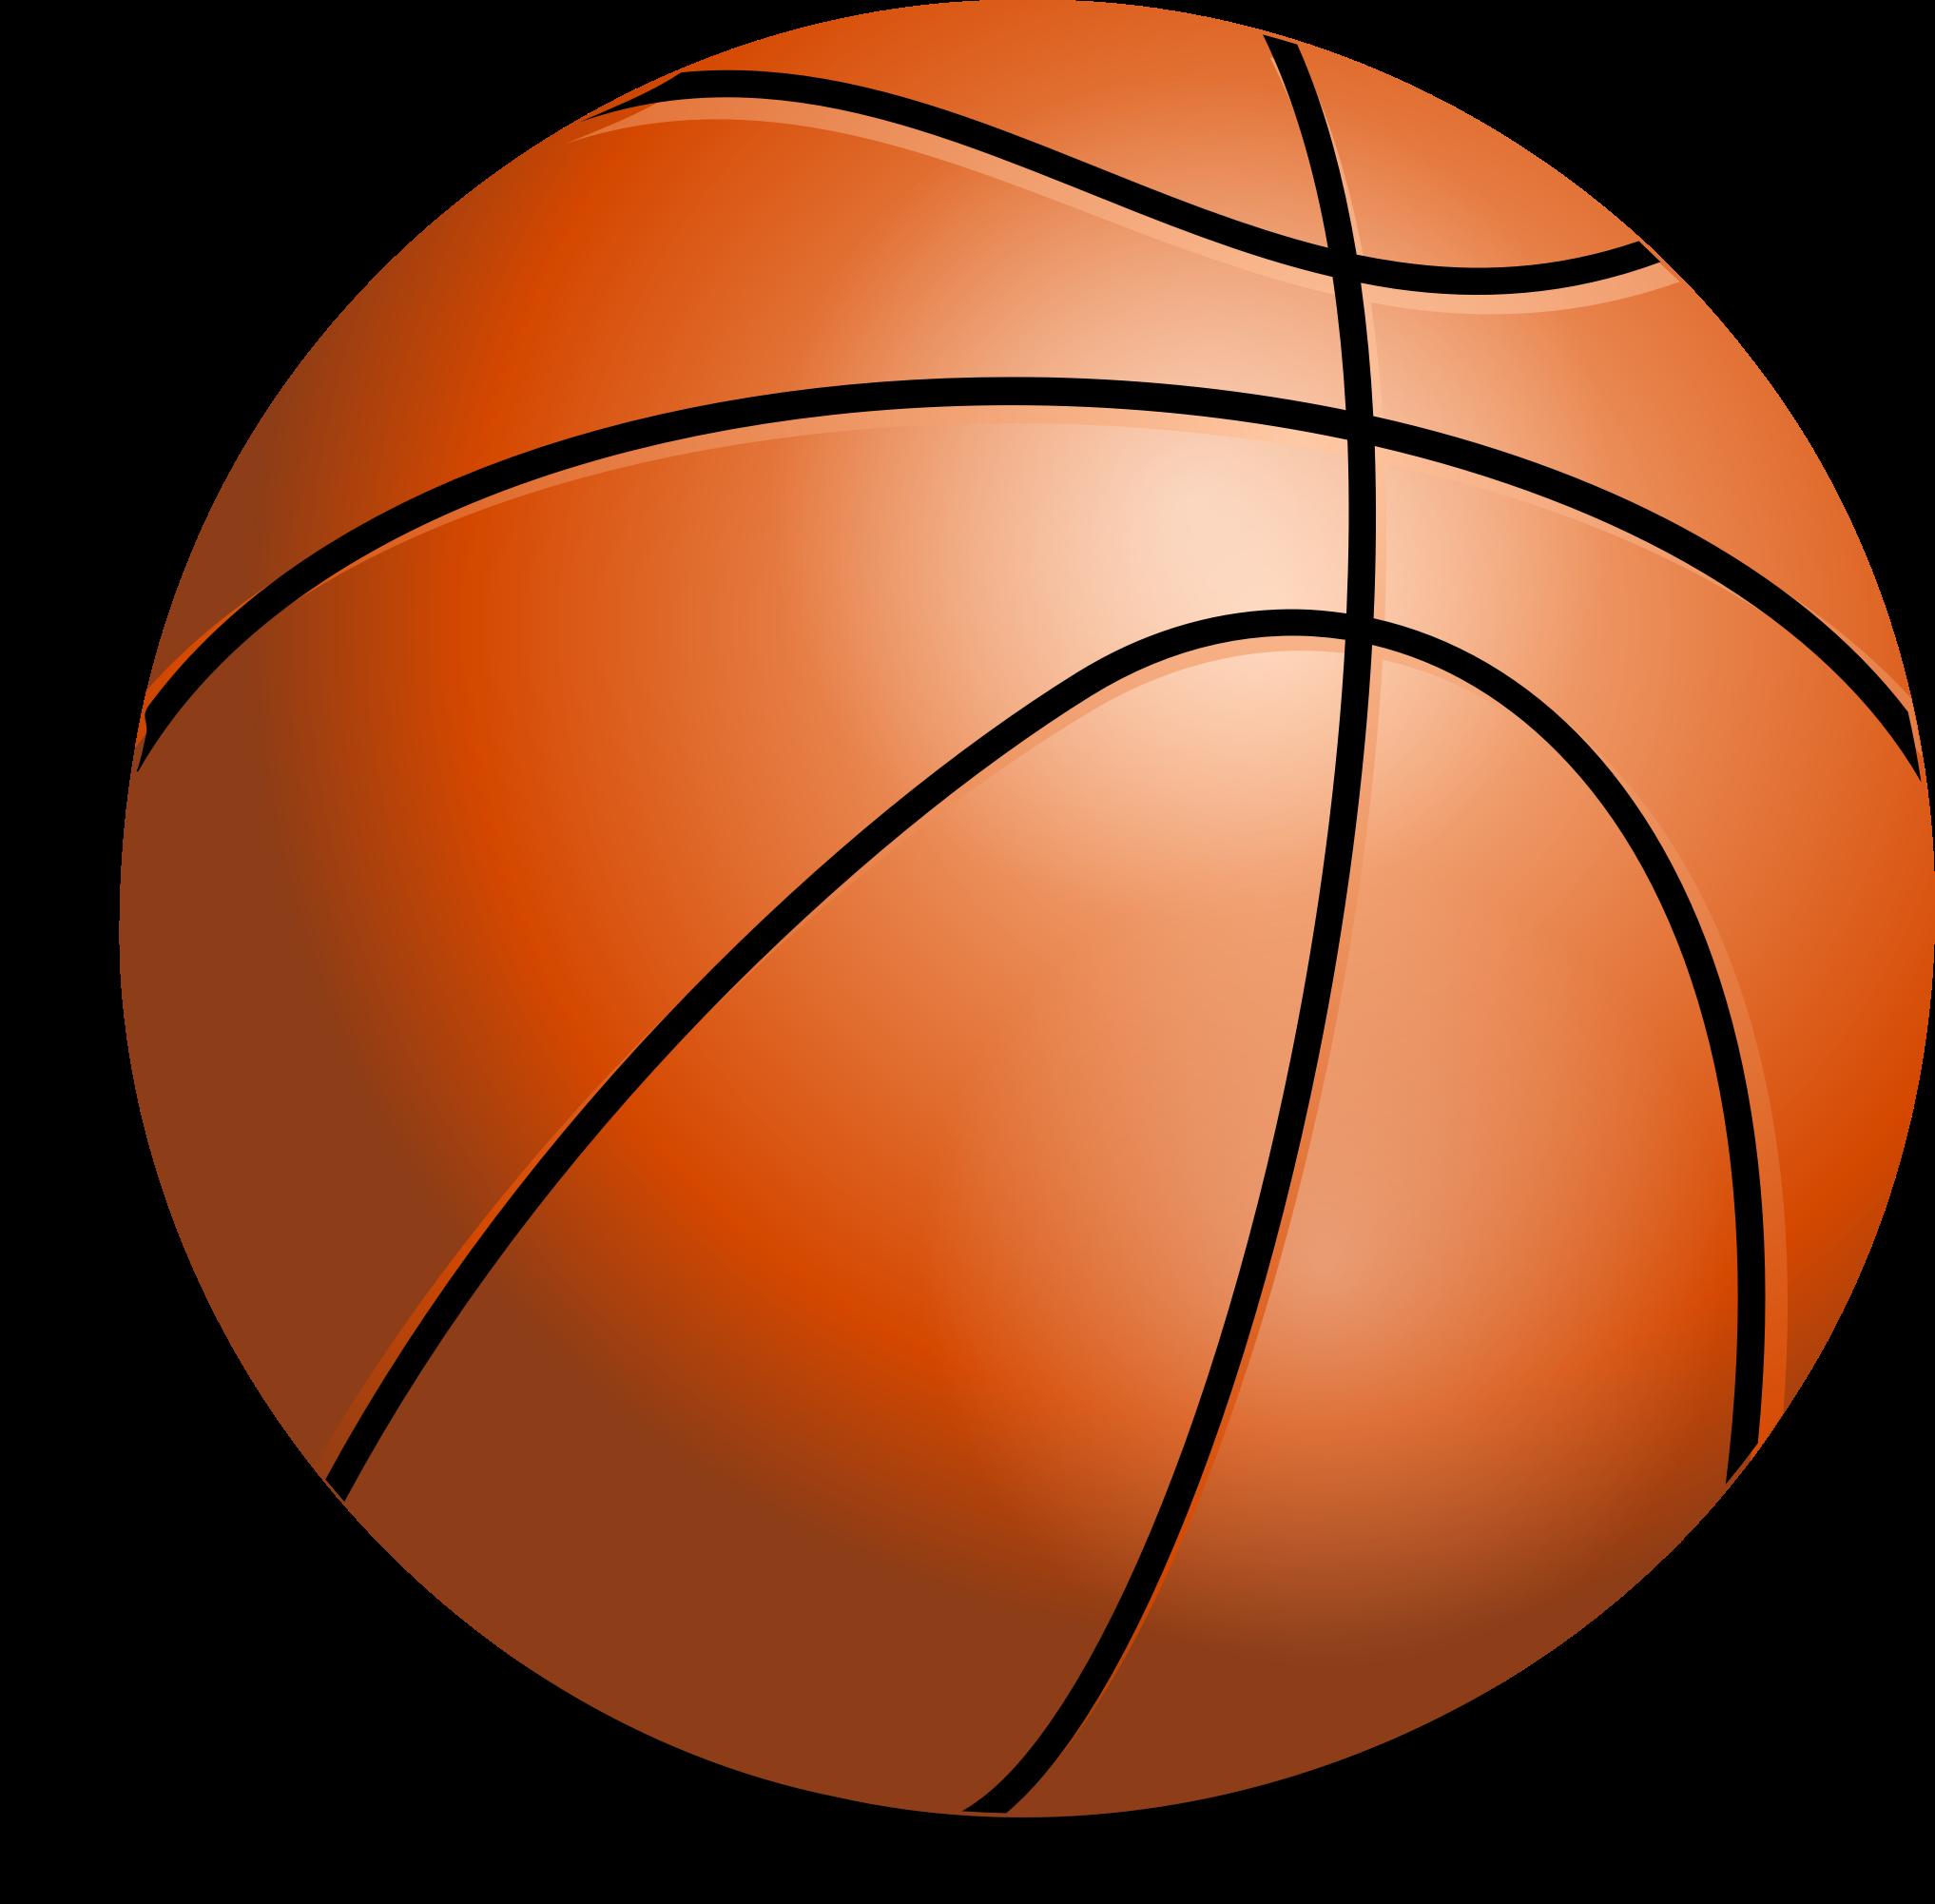 basketball, krepsinio kamuolys, ball by Keistutis